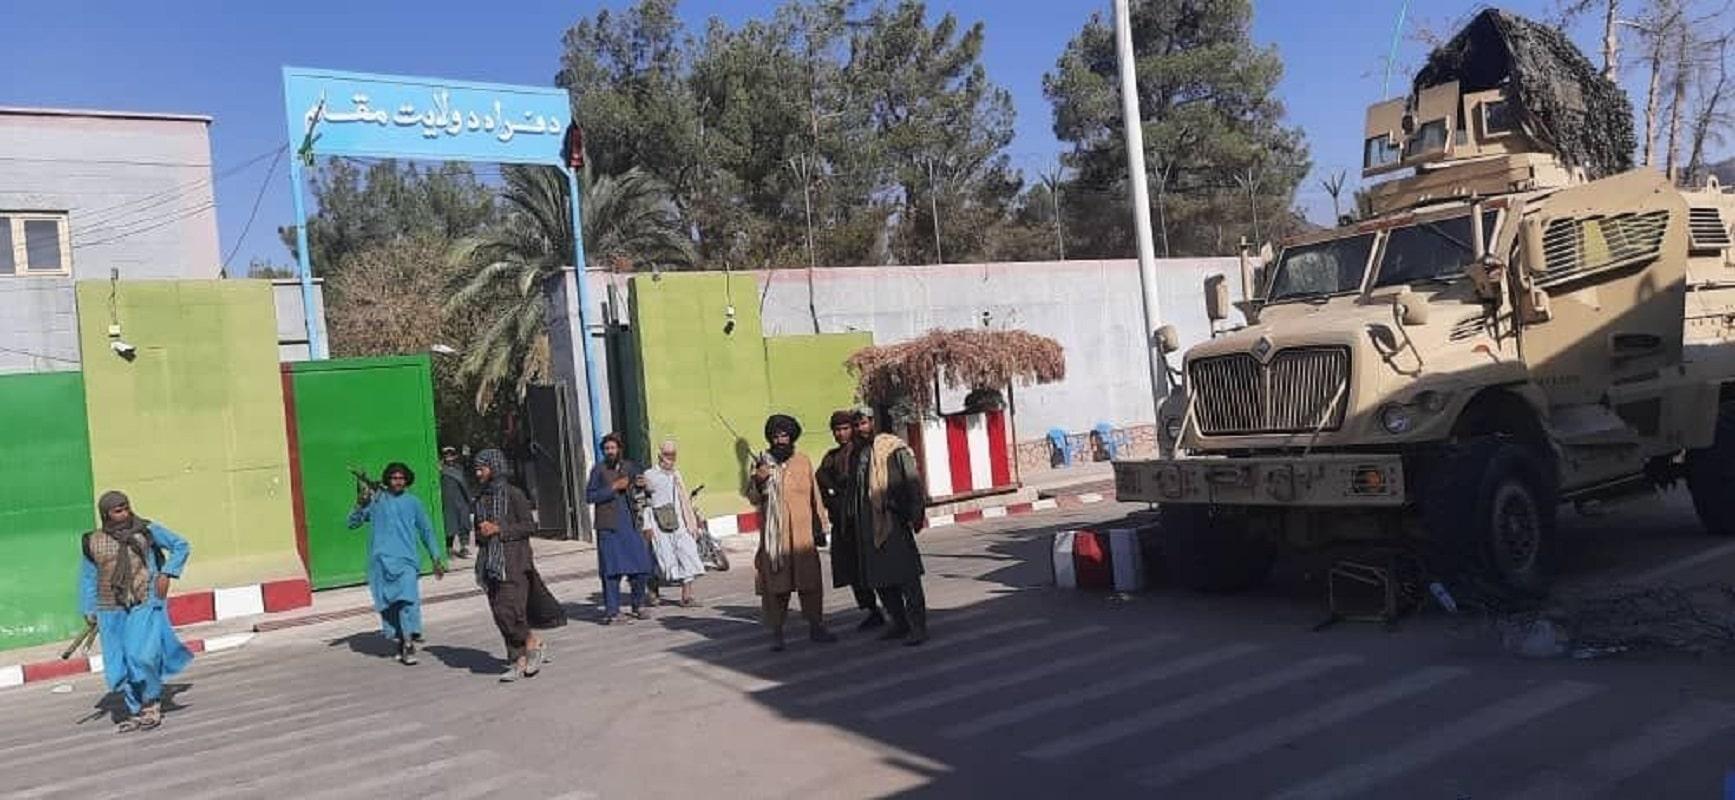 طالبان تسيطر على ولايات جديدة في أفغانستان